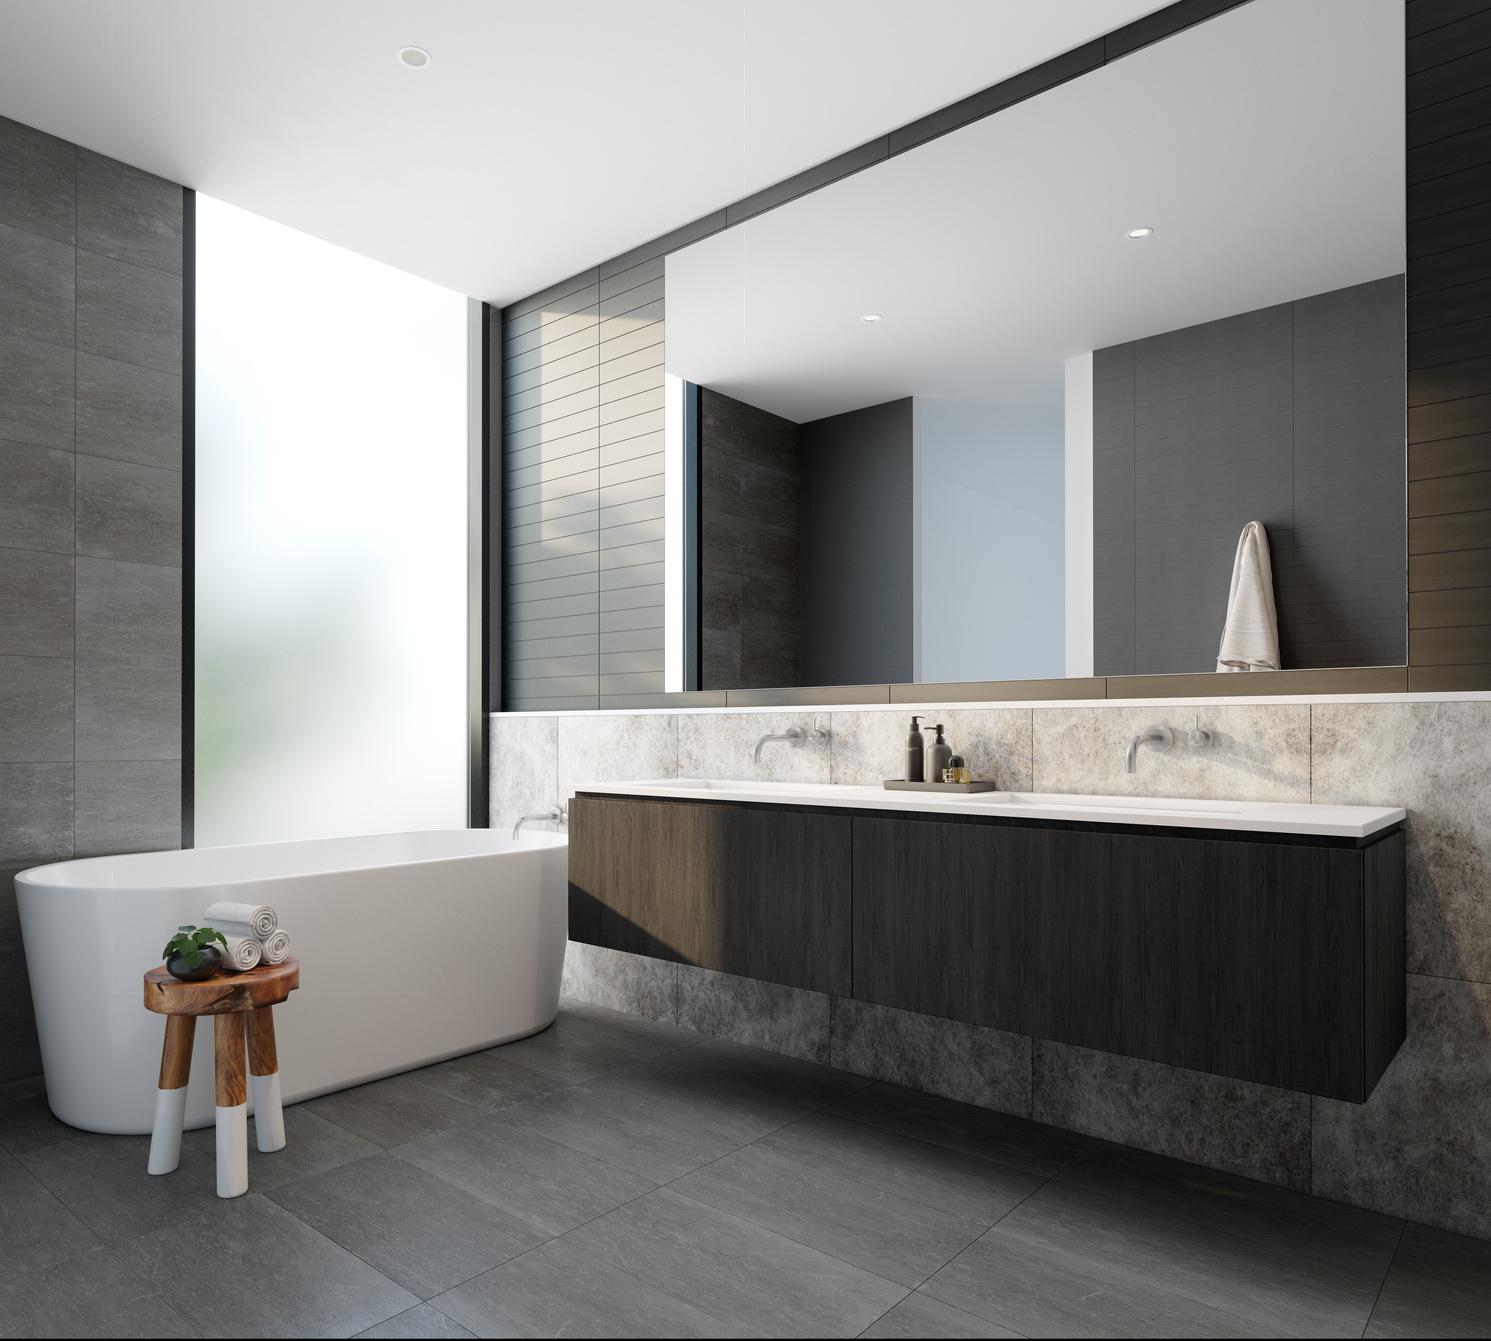 Mancini-Fkd-studio-Esplanade-3D-image-visualisation-bathroom